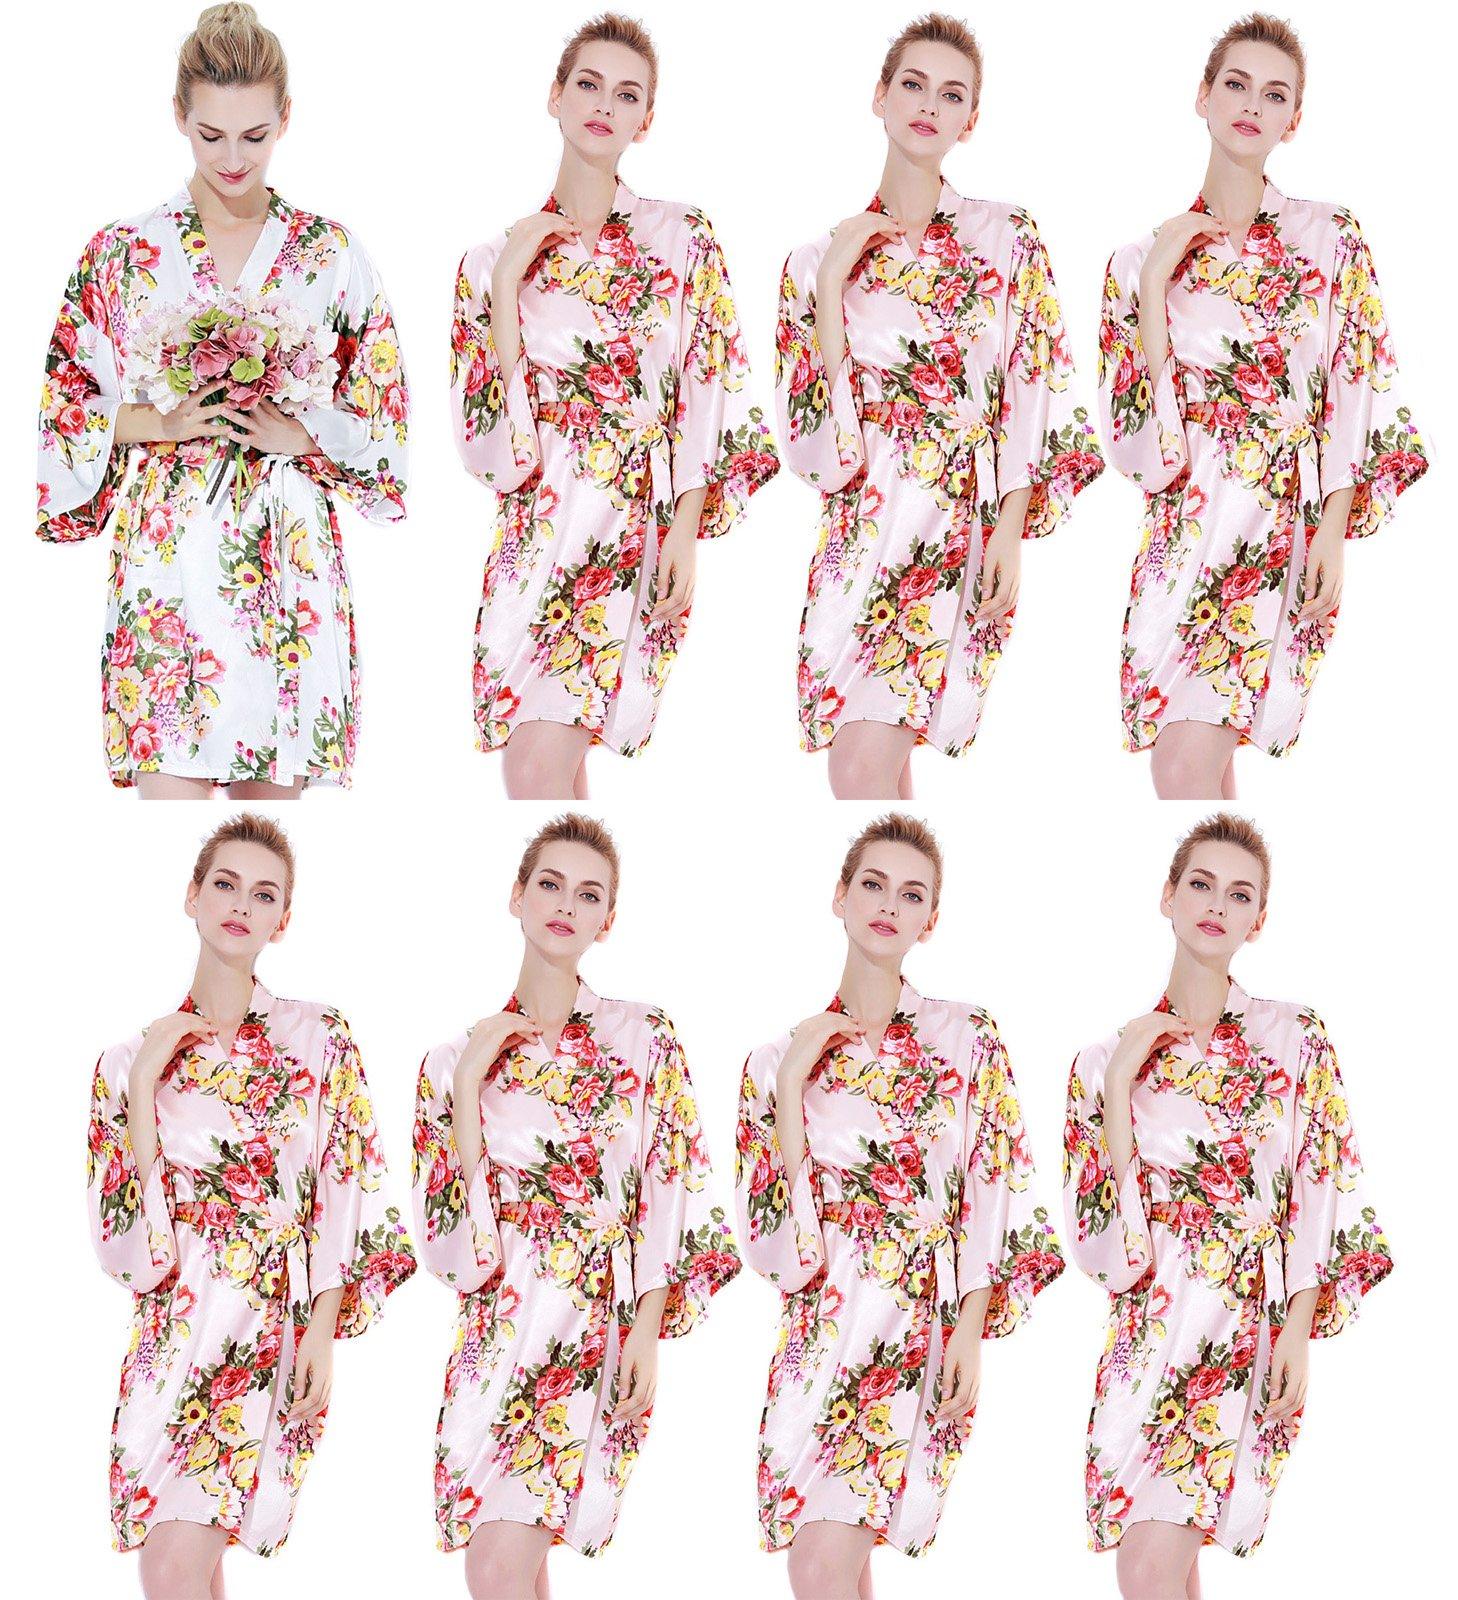 Endless Envy Women's Satin Floral Robes Bridesmaid Wedding Kimono Set 3-10 (One Size Fits 0-14, Blush (Set Of 8)